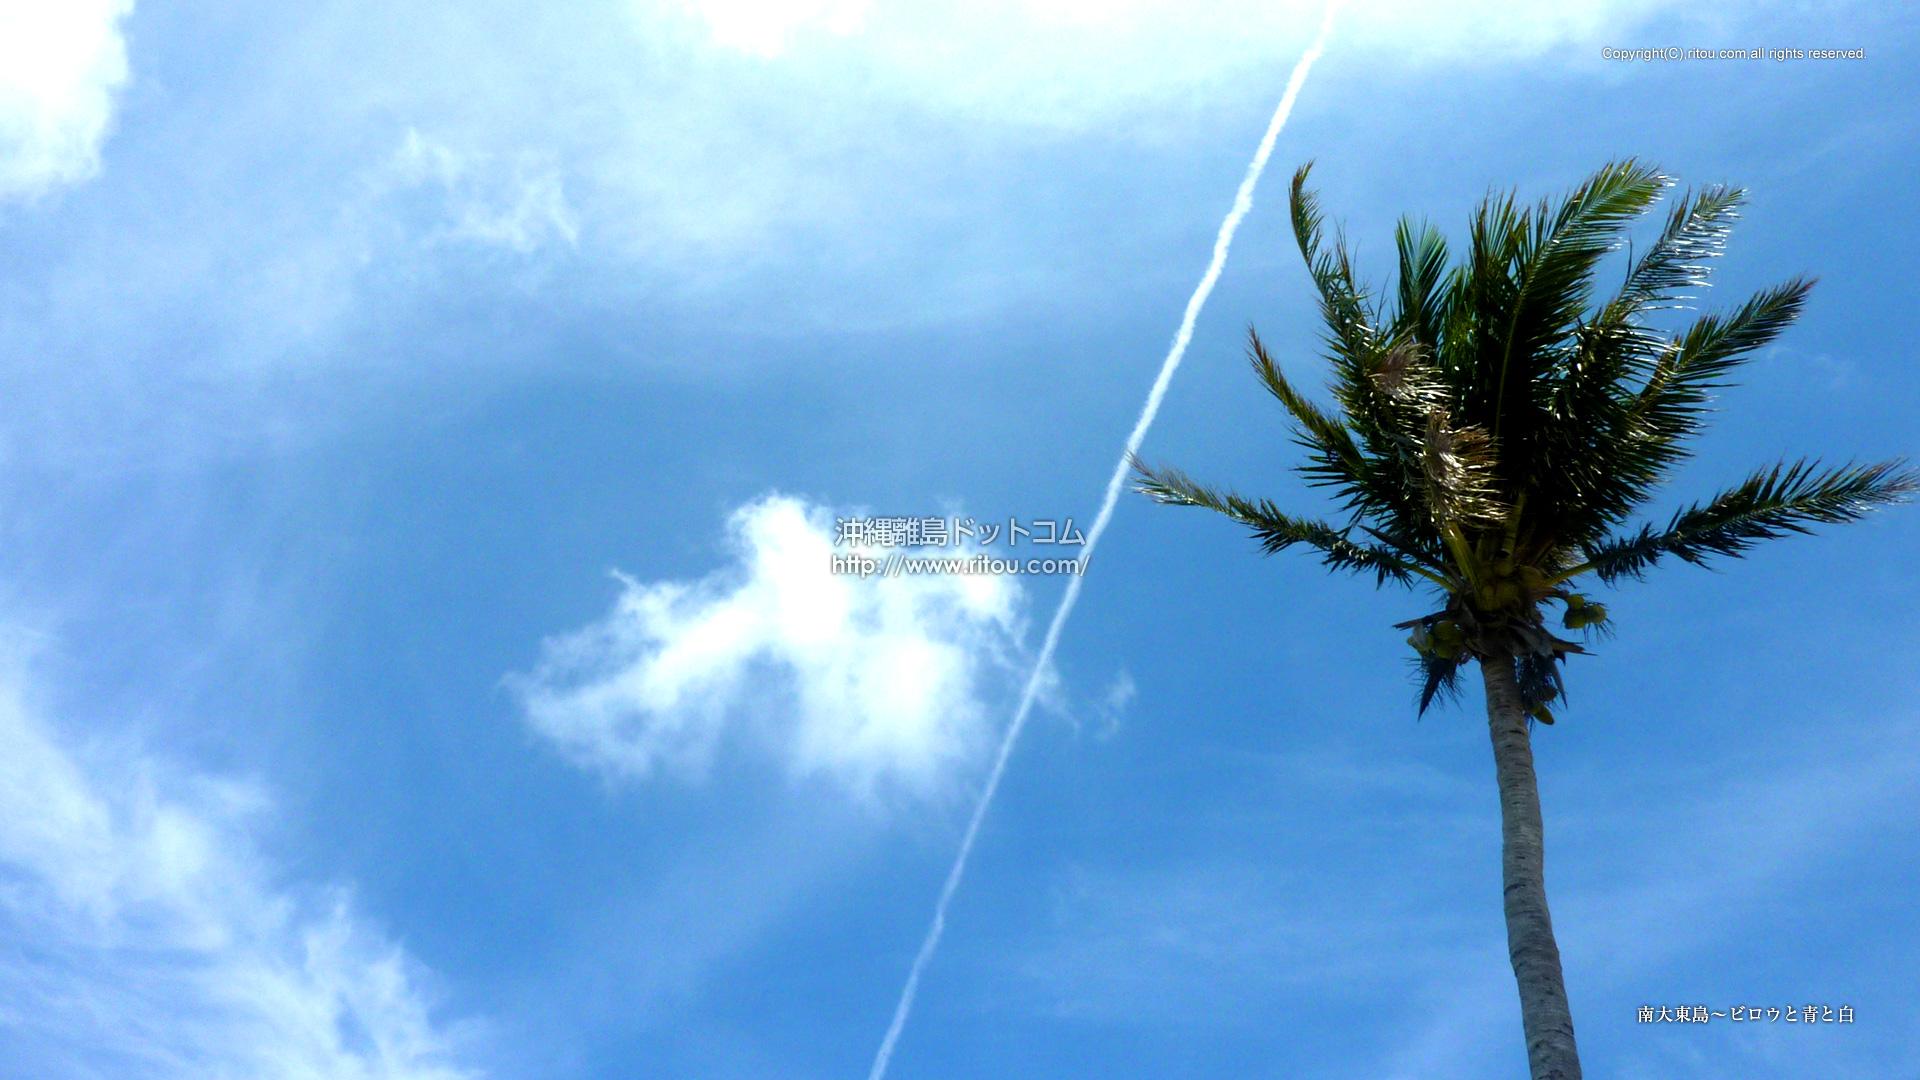 南大東島〜ビロウと青と白